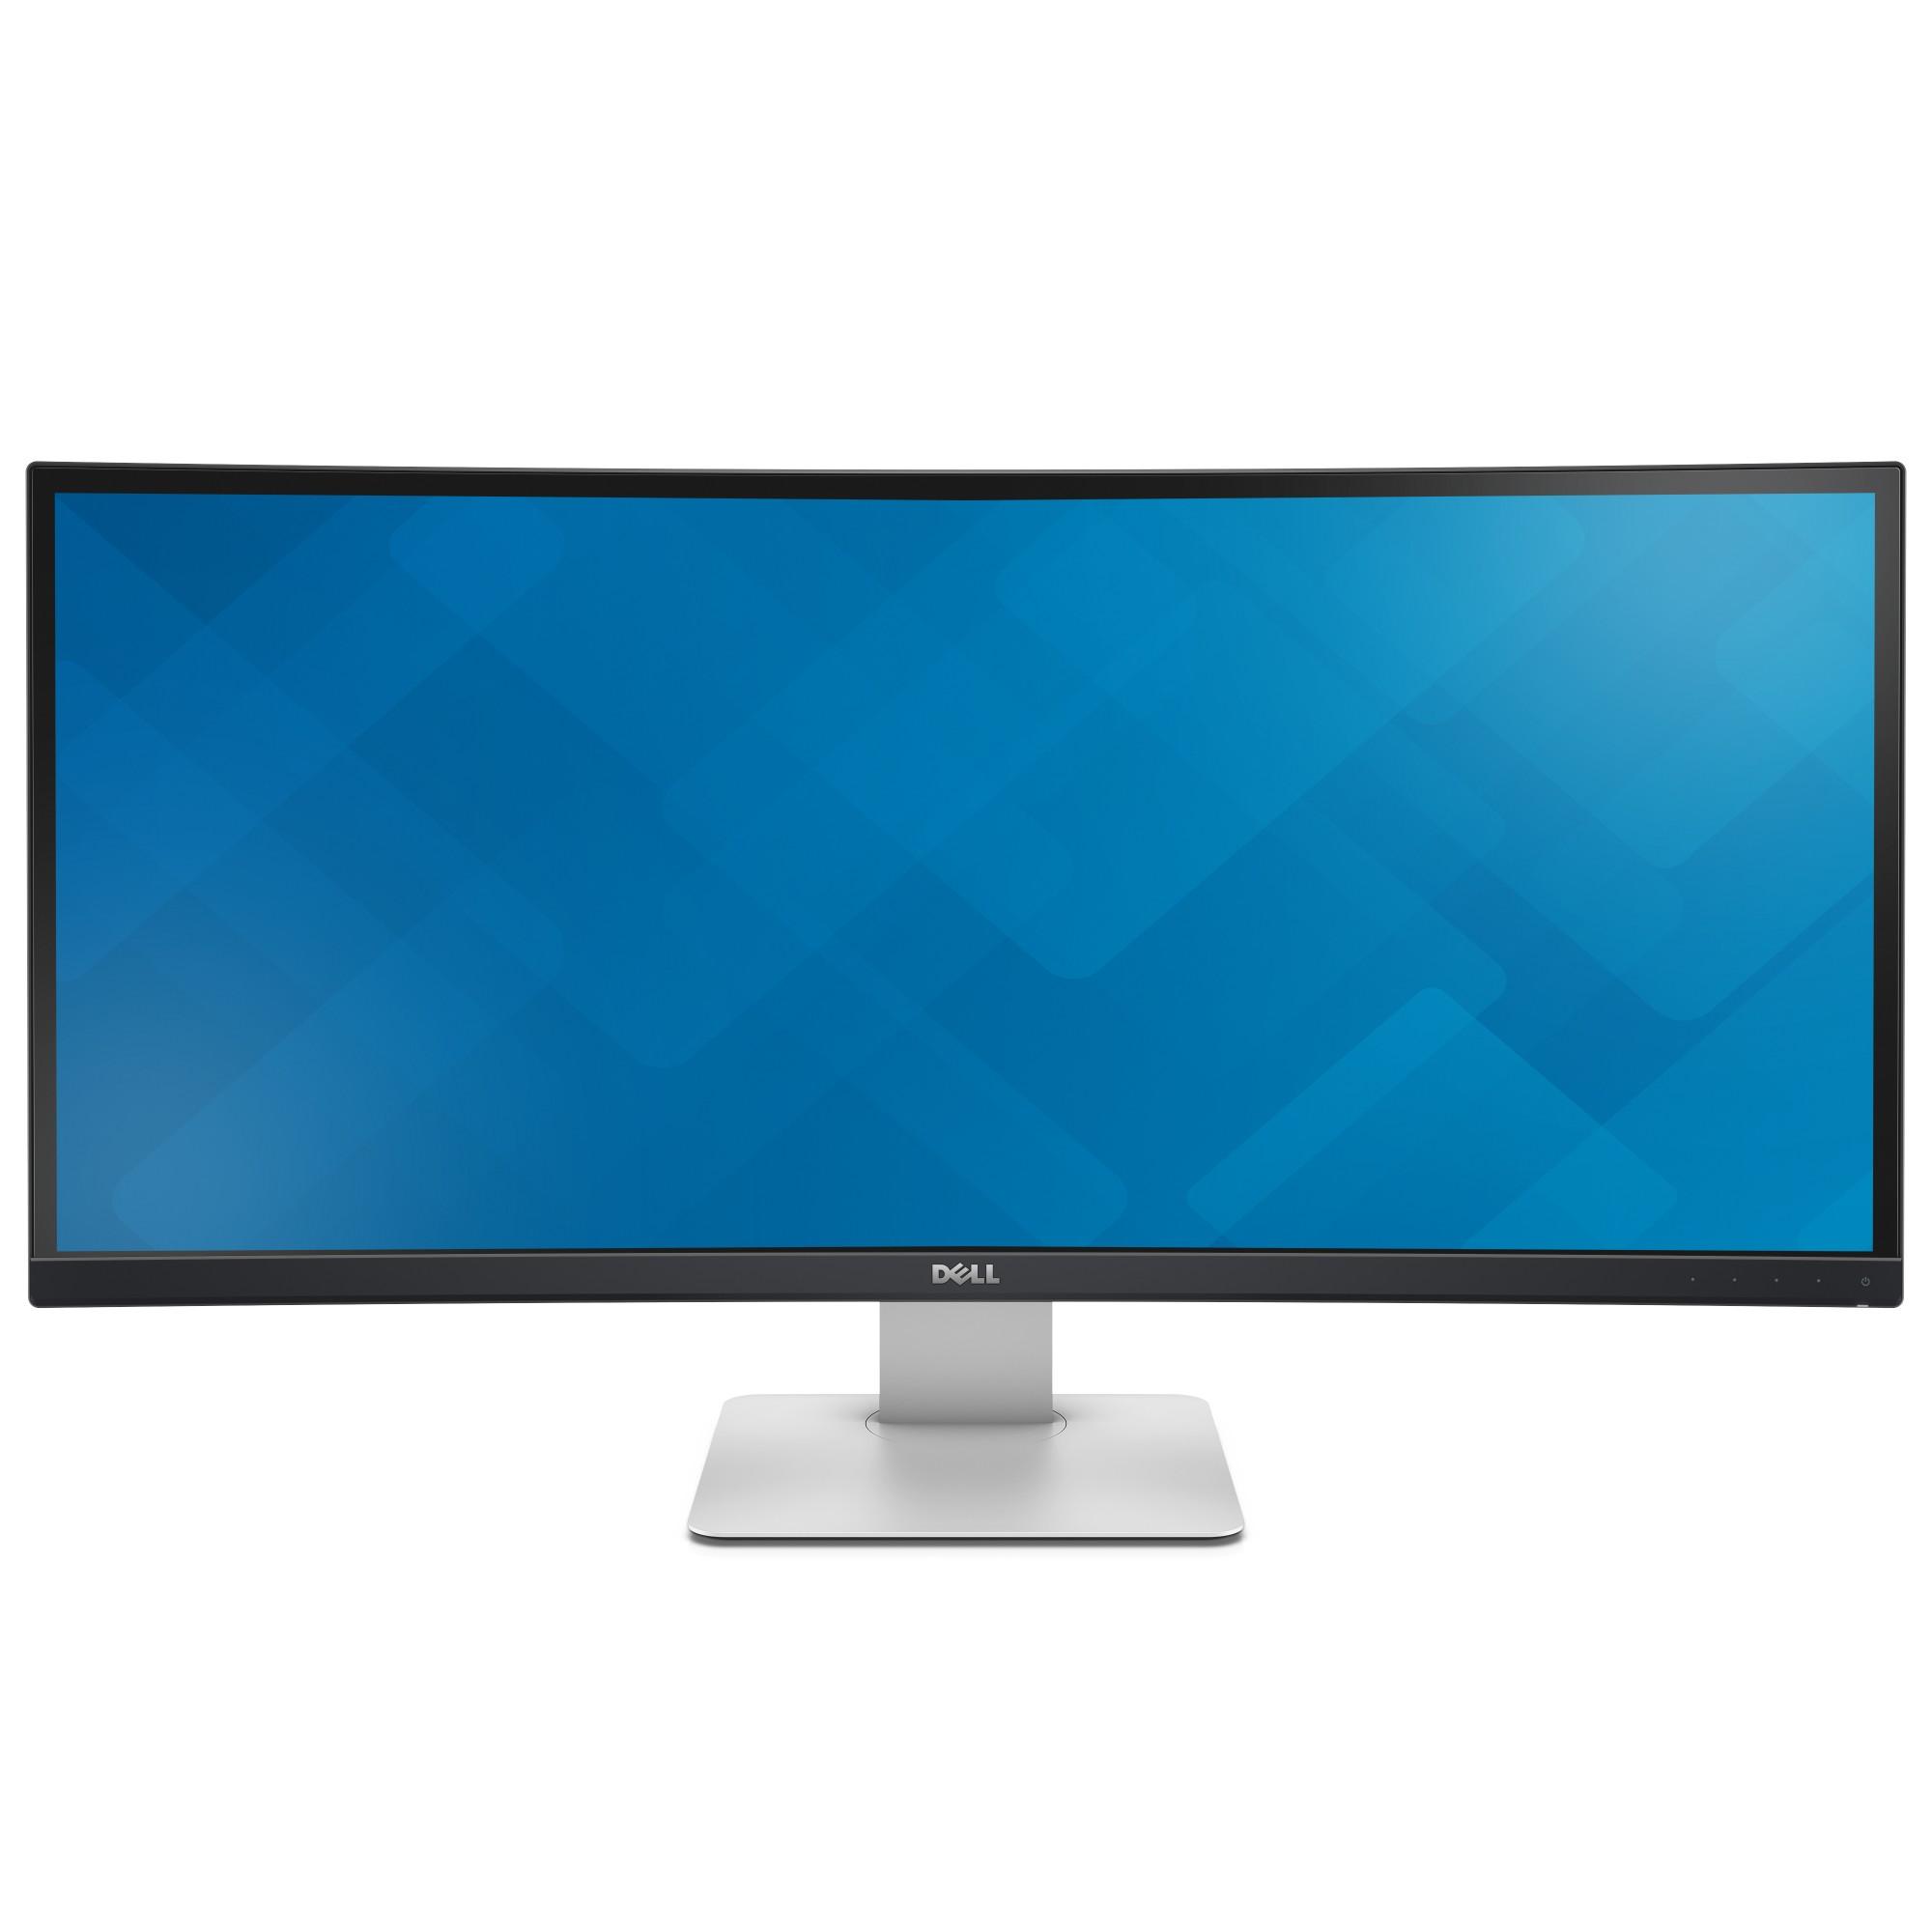 """DELL UltraSharp U3415W LED display 86.4 cm (34"""") 3440 x 1440 pixels Wide Quad HD LCD Curved Matt Black"""